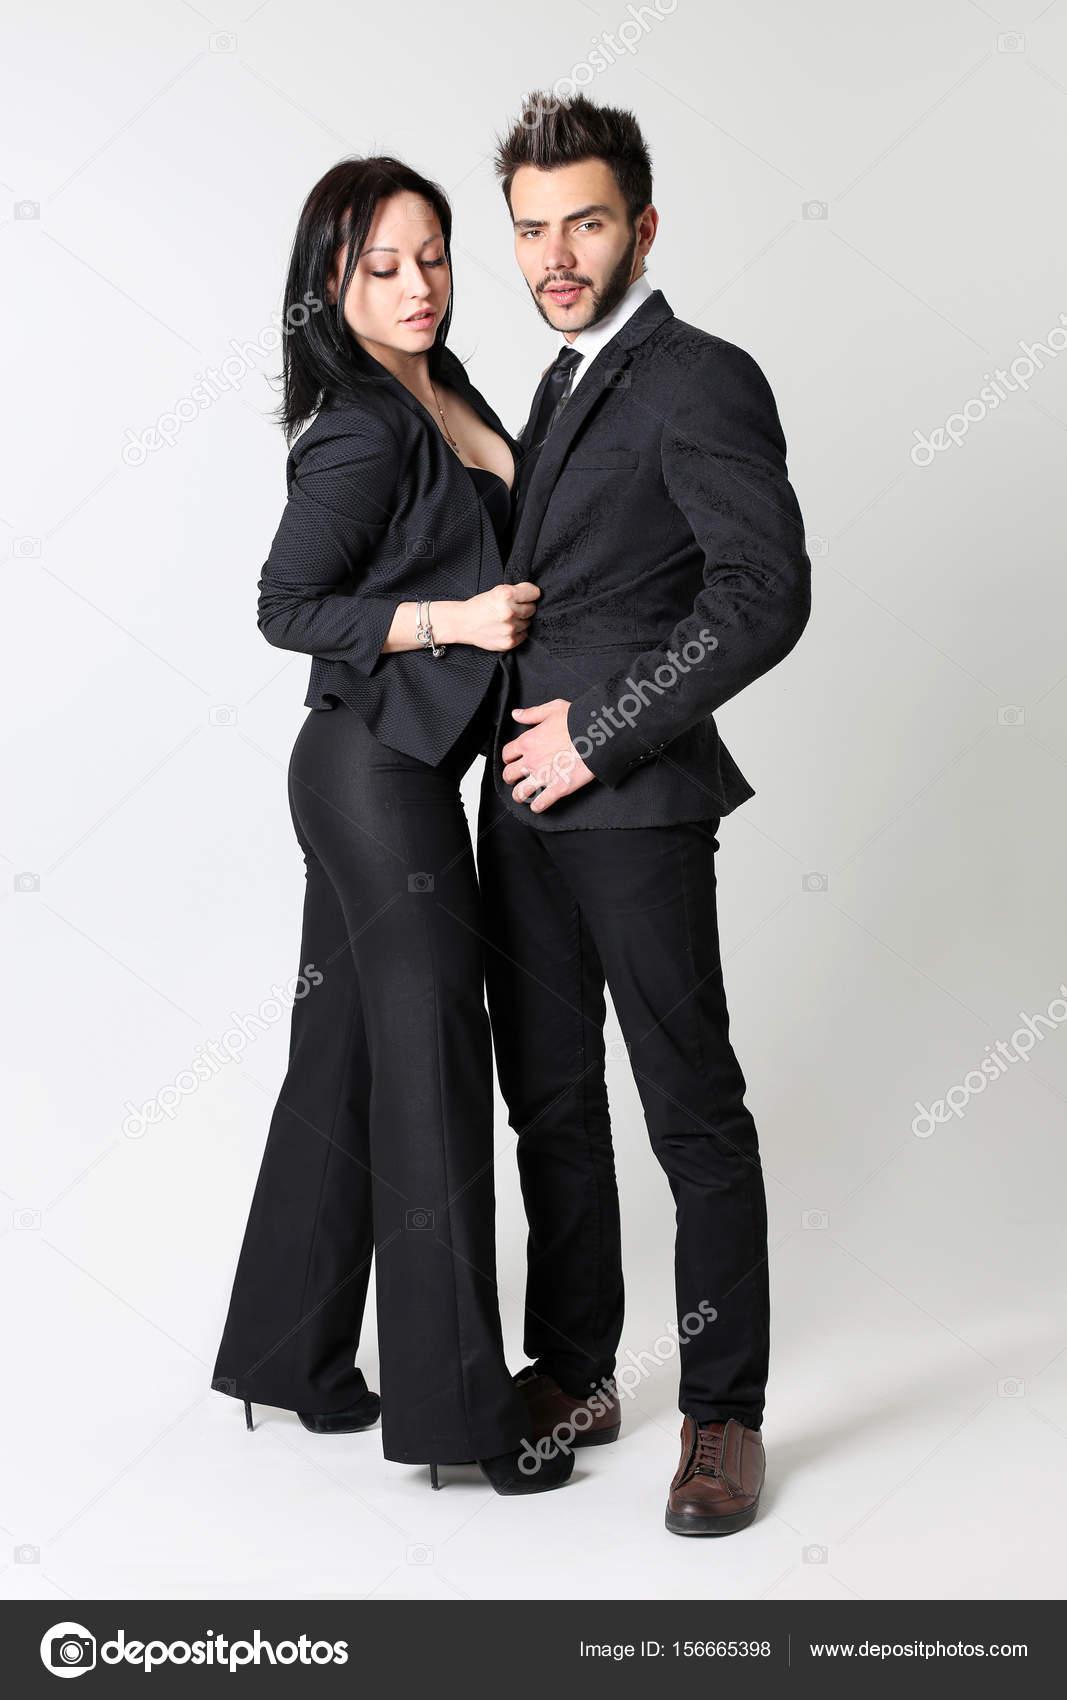 60804e2be89 Mode homme et femme. Le concept d un magasin de vêtements pour hommes et  femmes– images de stock libres de droits